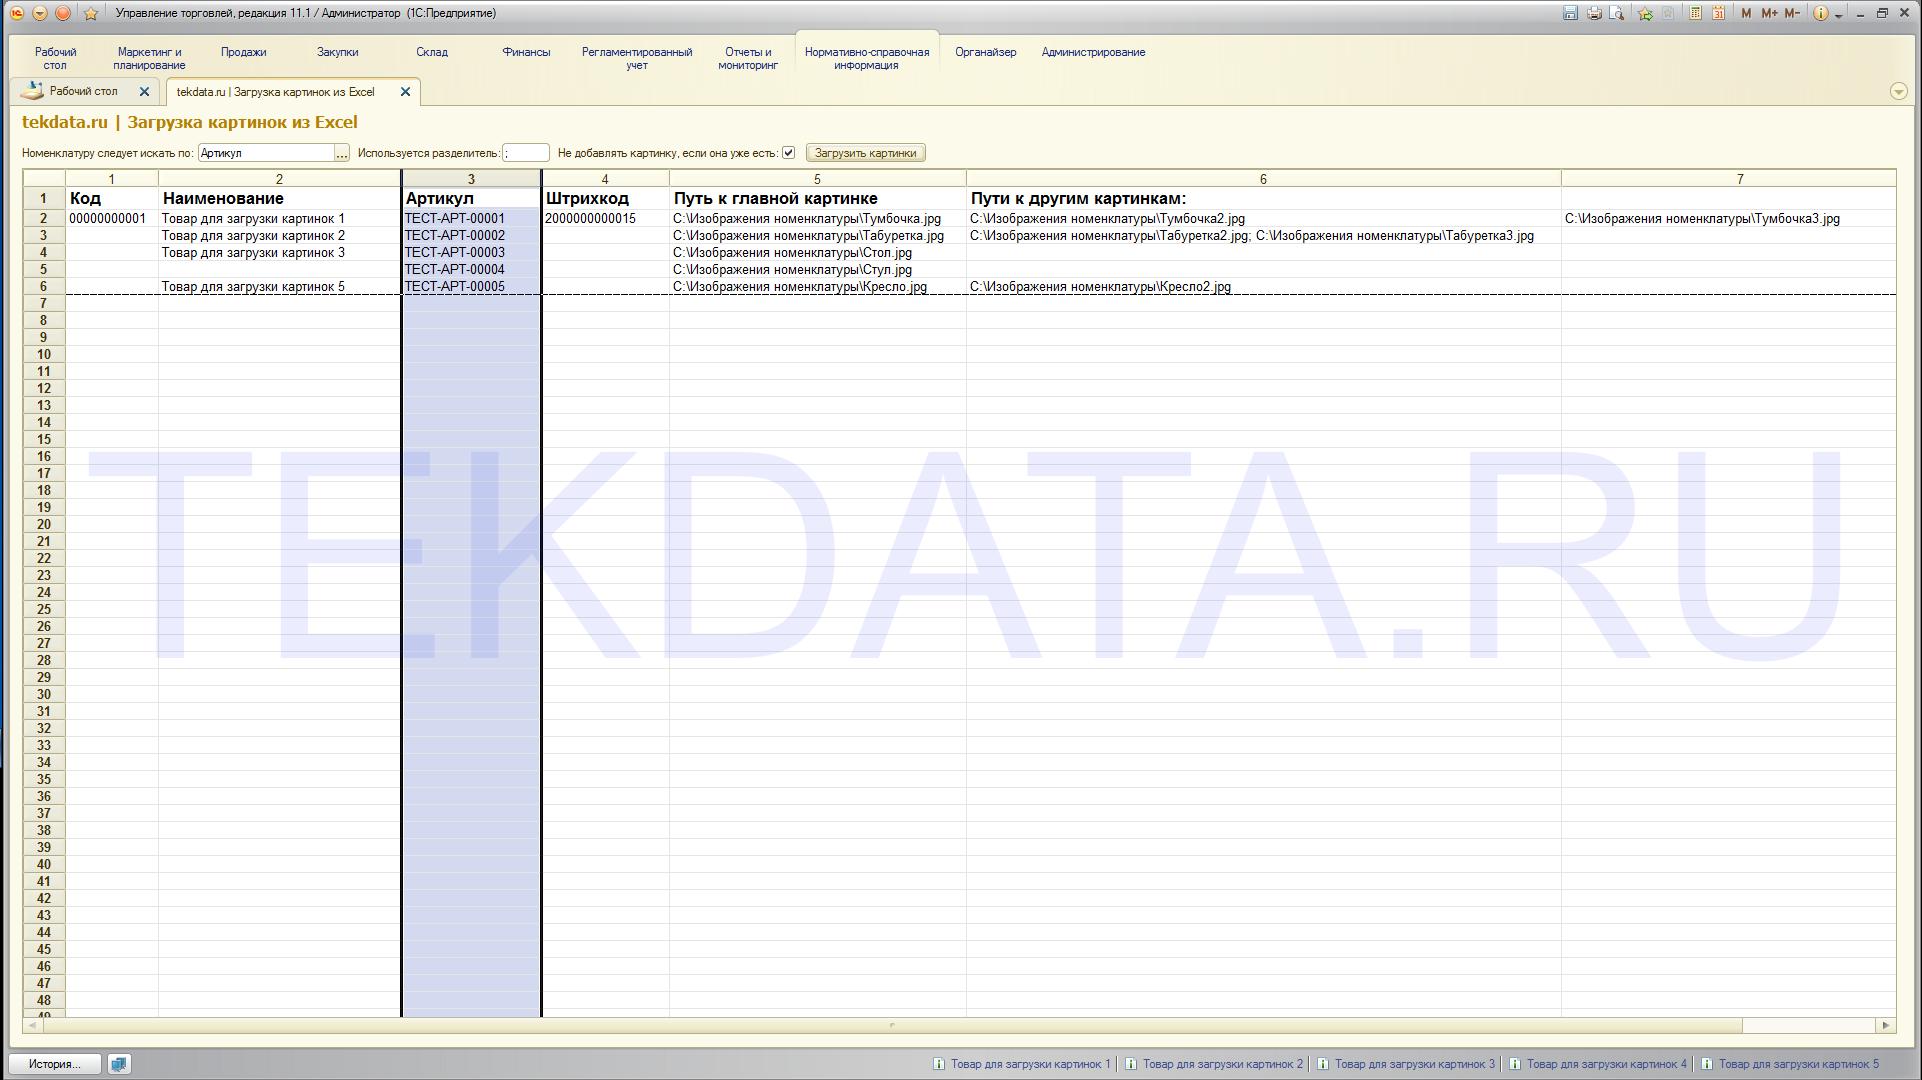 Загрузка картинок номенклатуры из Excel для 1С:УТ 11.1